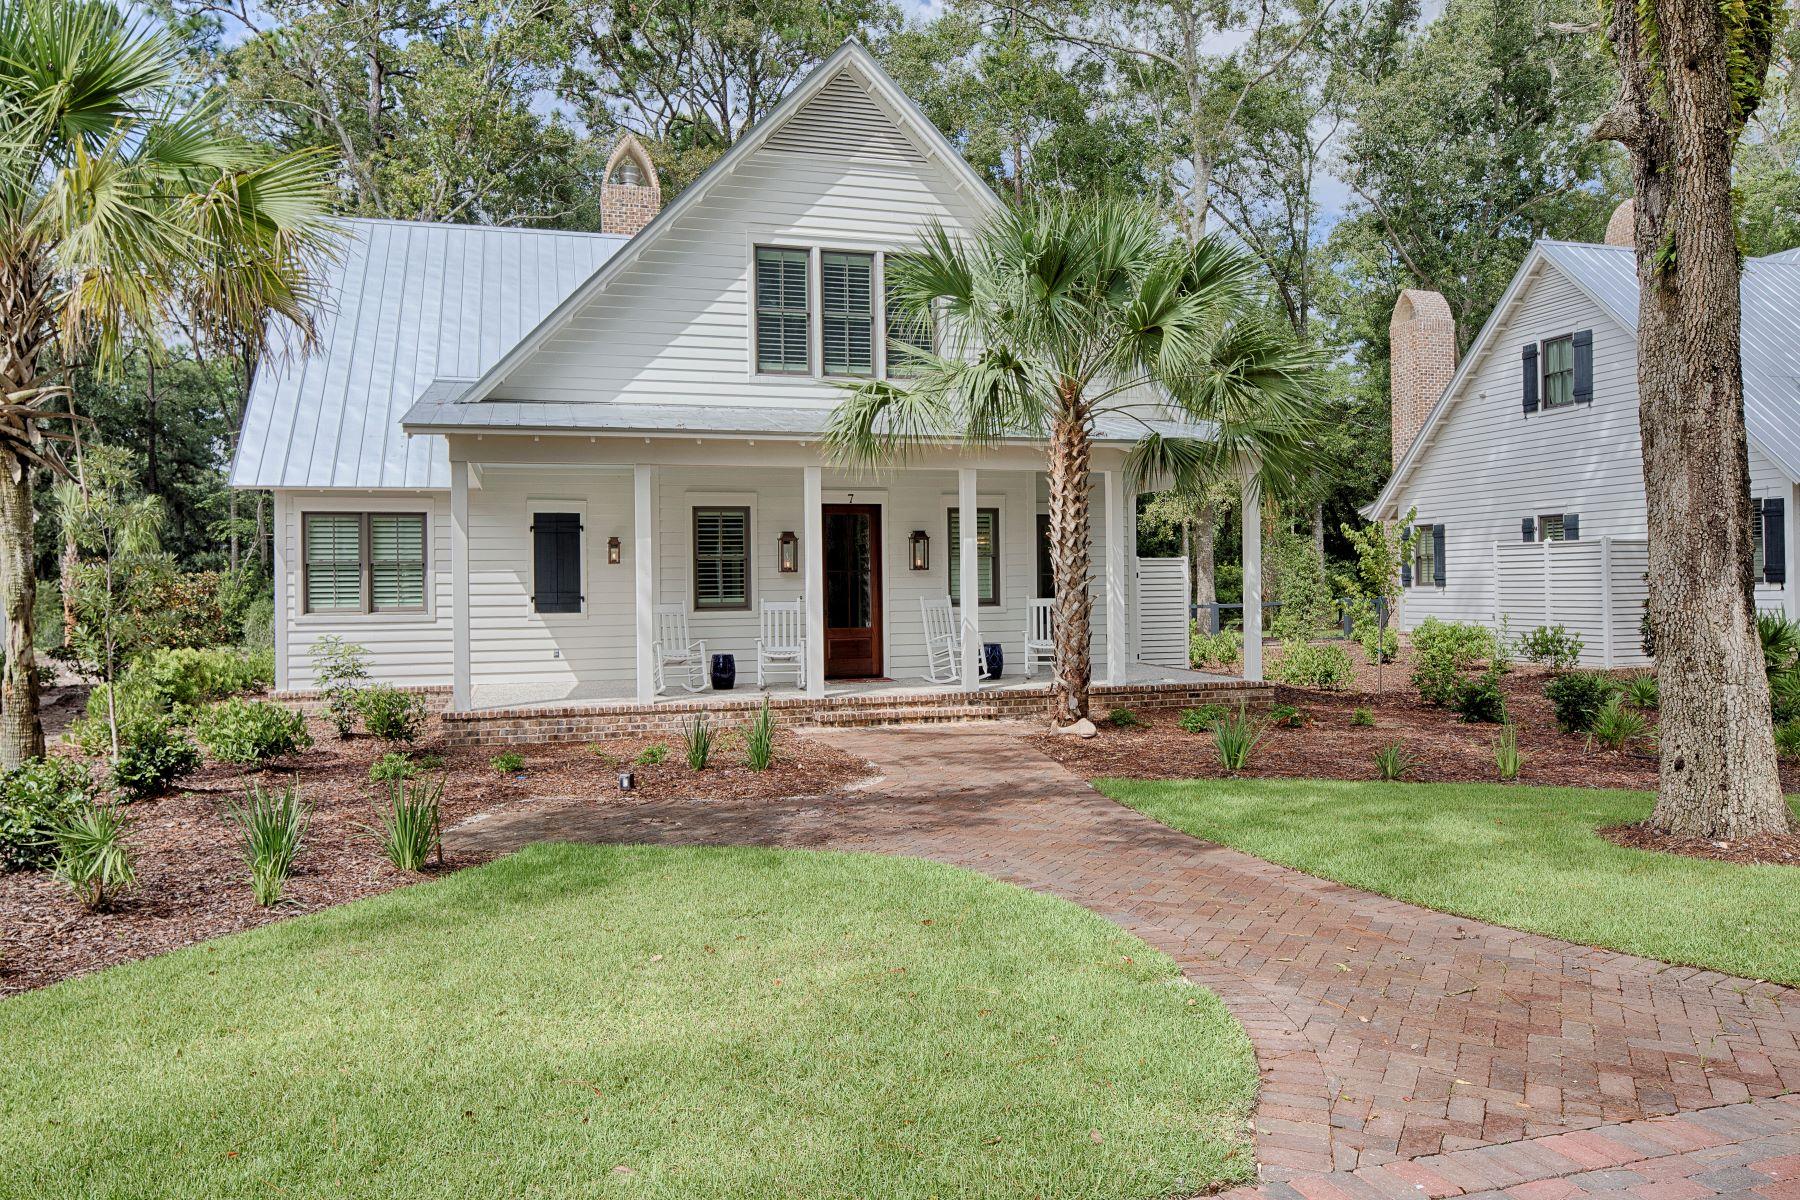 独户住宅 为 销售 在 7 Cobalt Lane Palmetto Bluff, 布拉夫顿, 南卡罗来纳州, 29910 美国